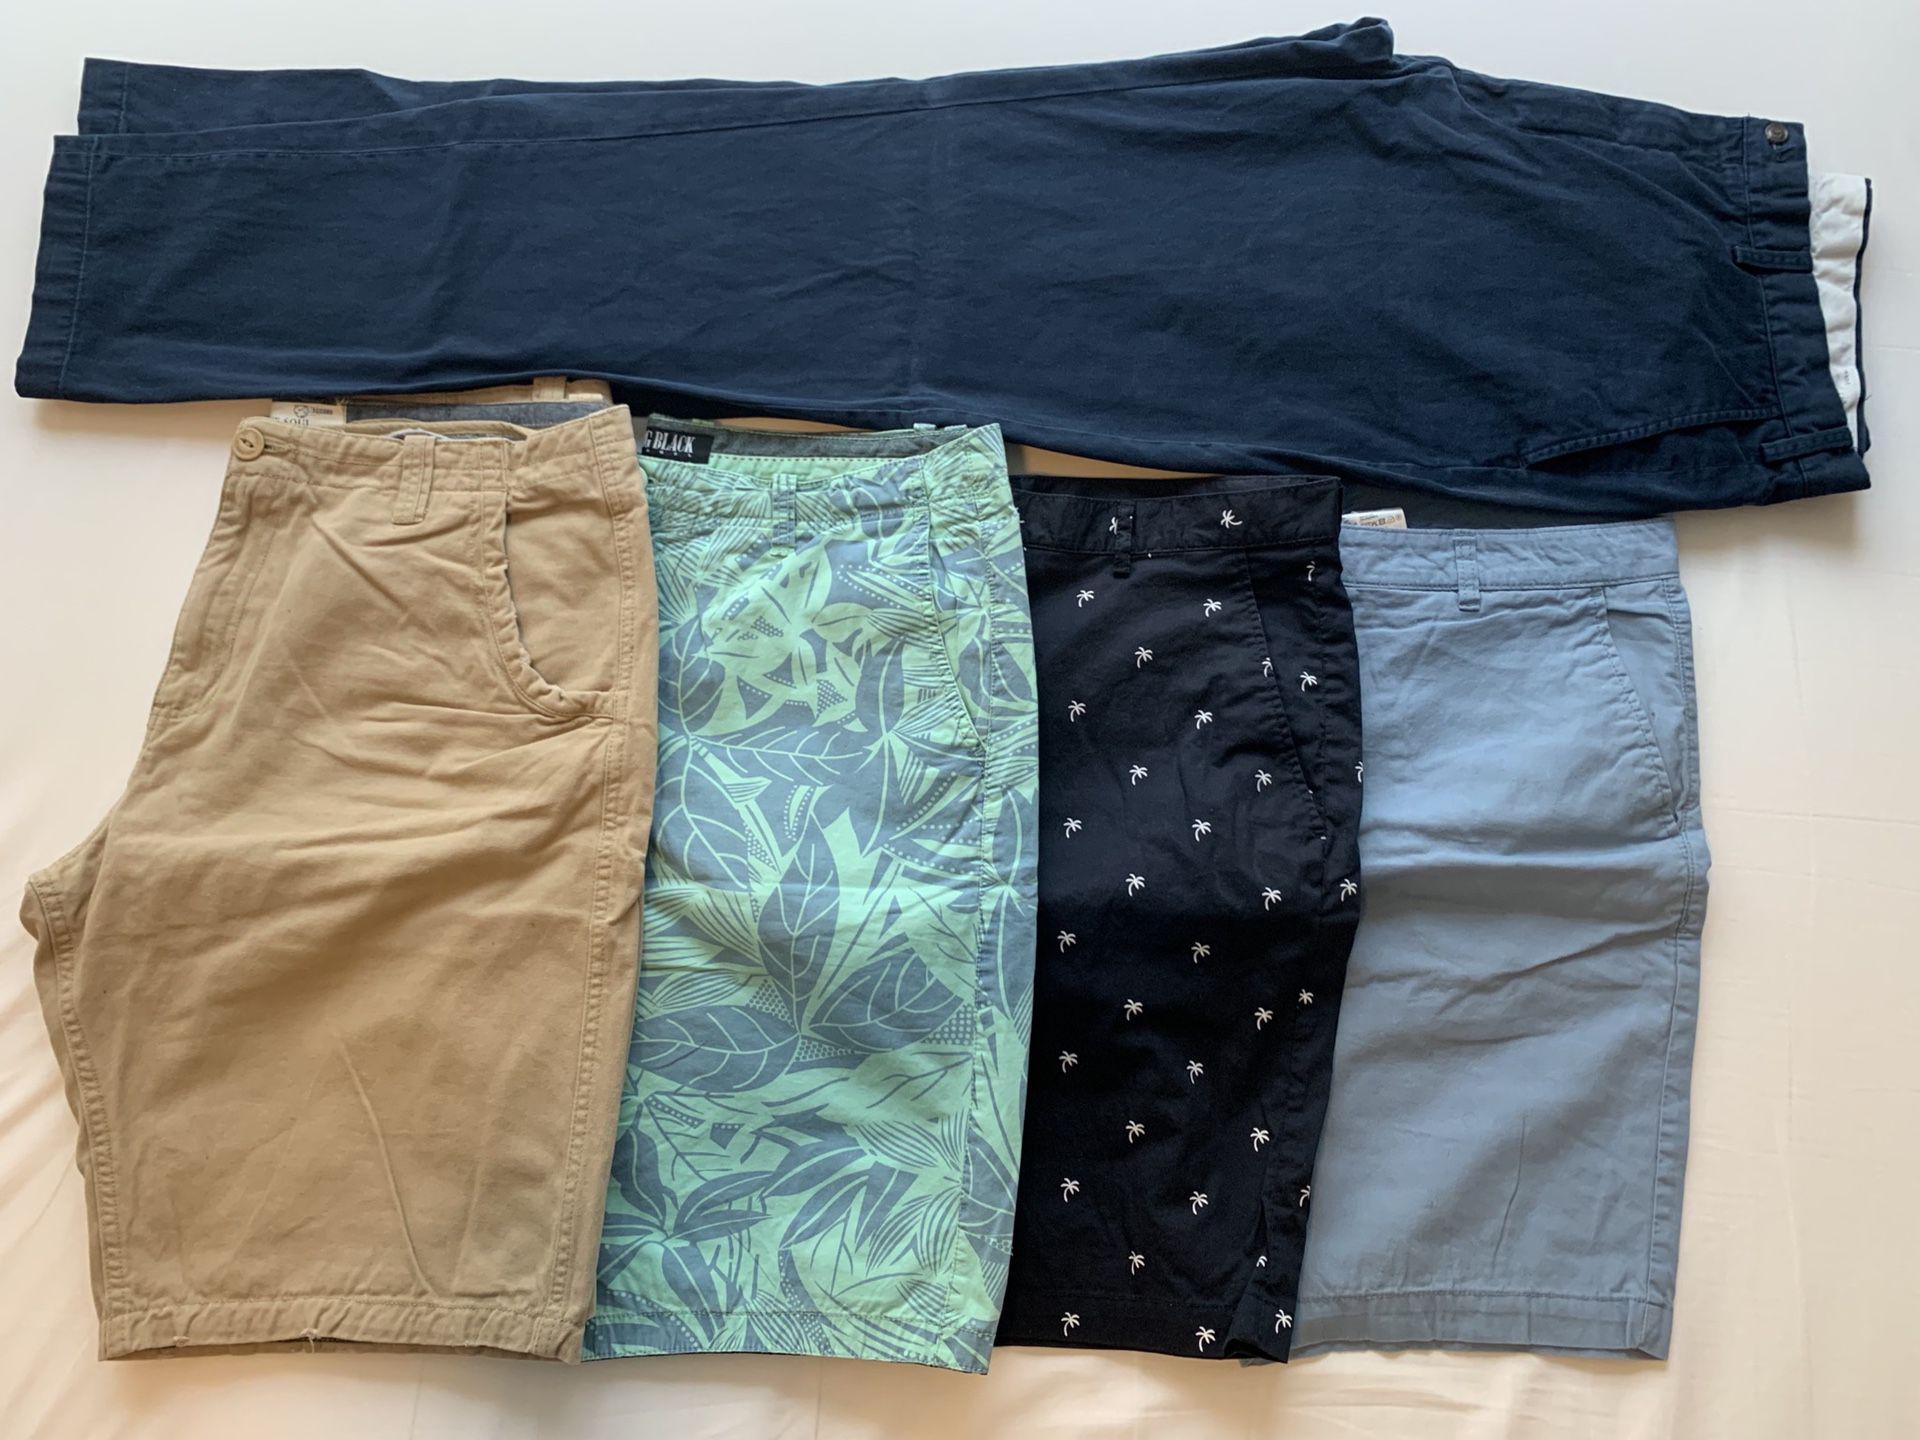 Dress Chino Pants and Shorts (34-36)